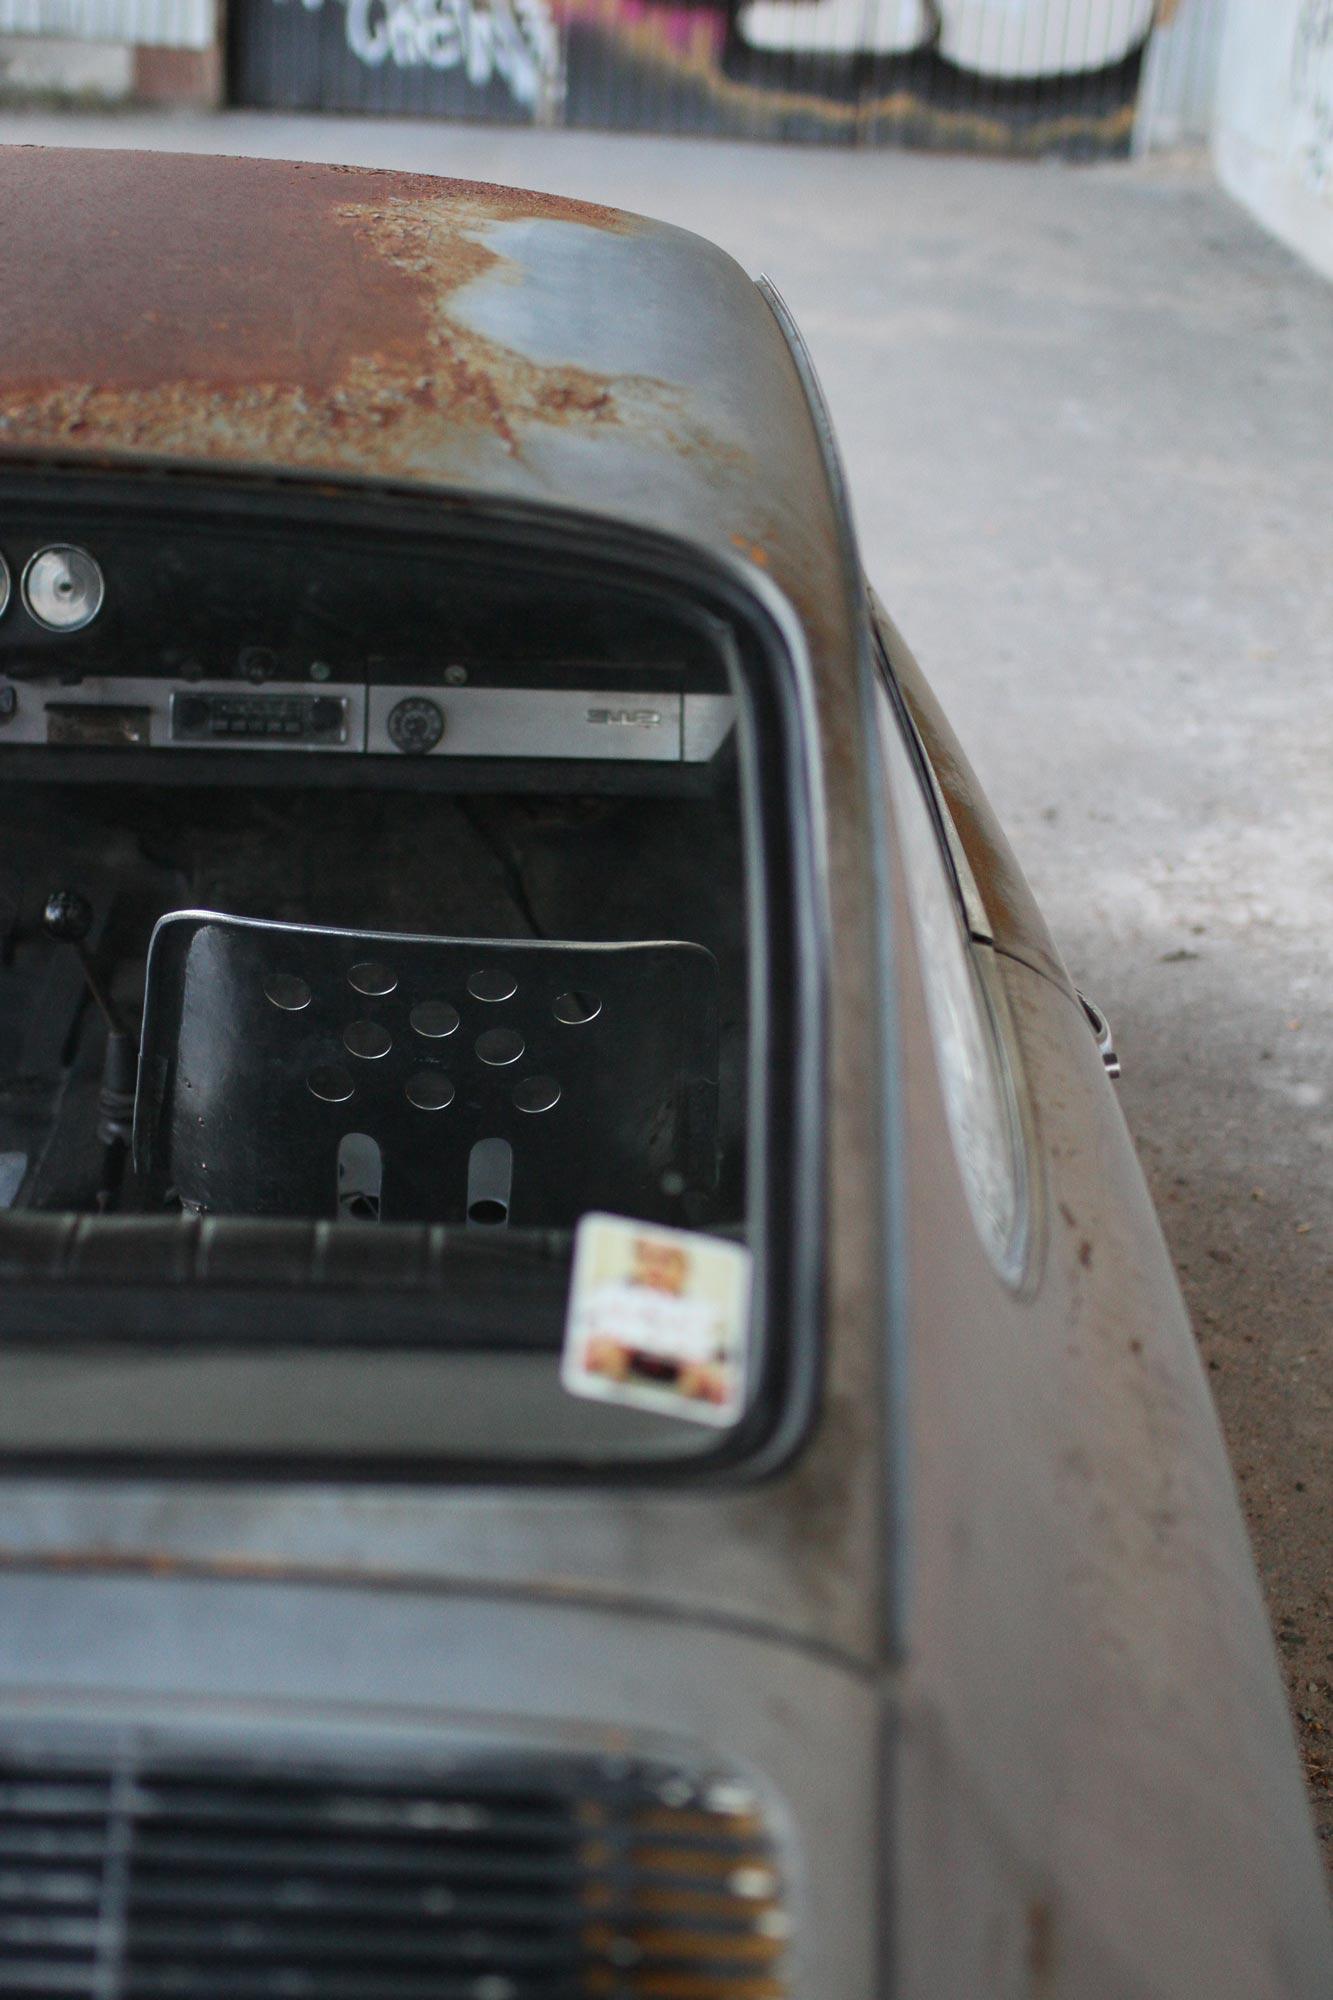 Inredningen på Porsche 912 bakifrån genom bakfönsterrutan